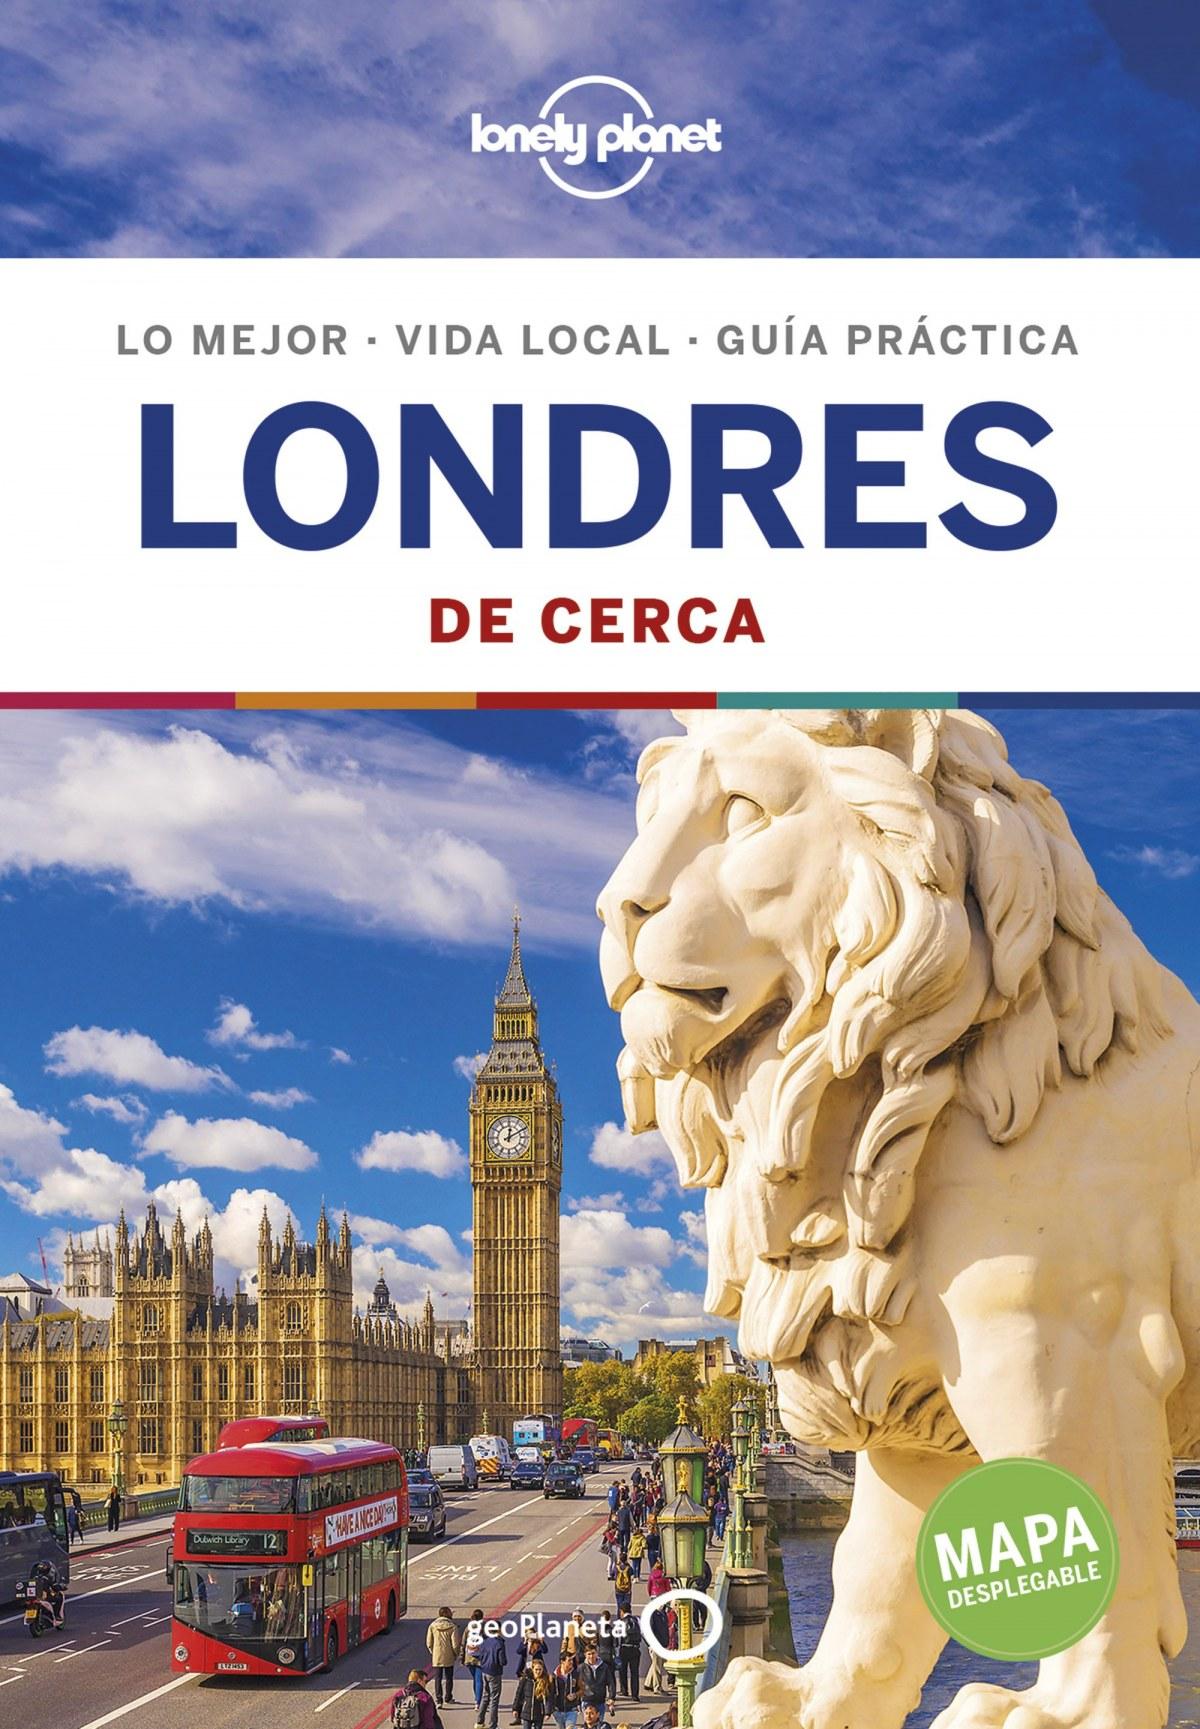 LONDRES DE CERCA 6 9788408197294